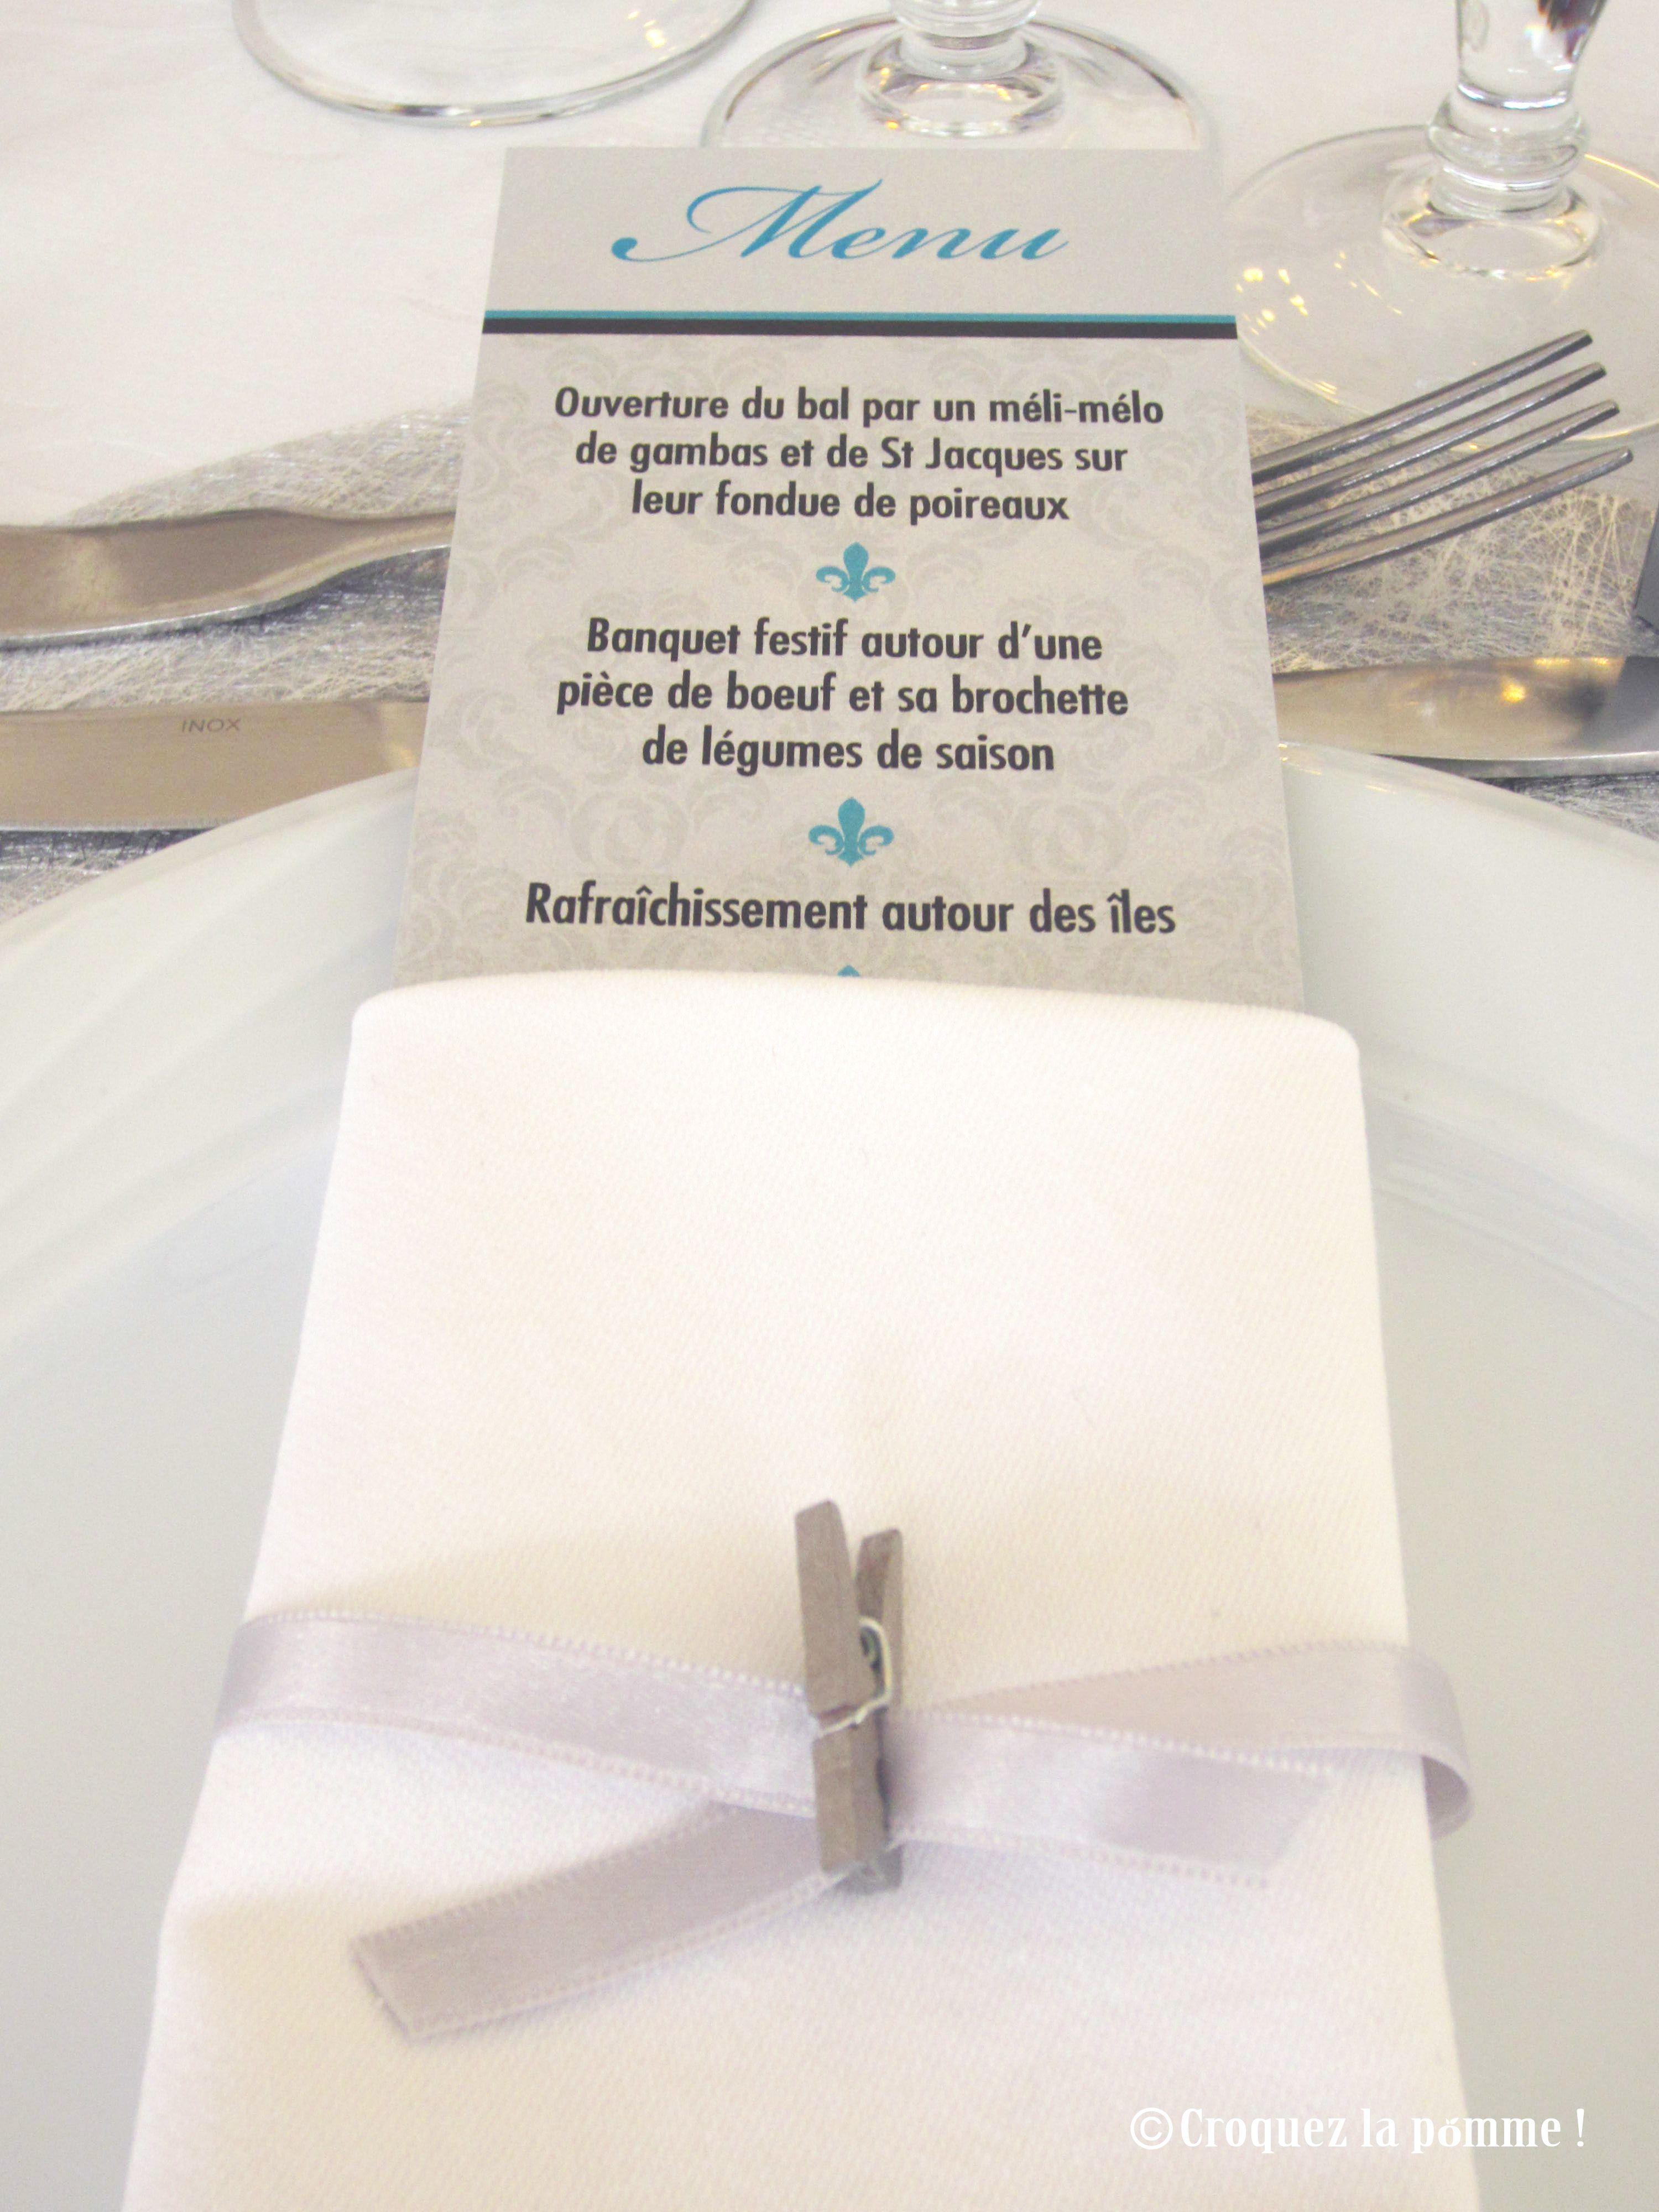 Menu Mariage Château Turquoise gris argenté Wedding Menu Sur-mesure par Croquez la pomme !